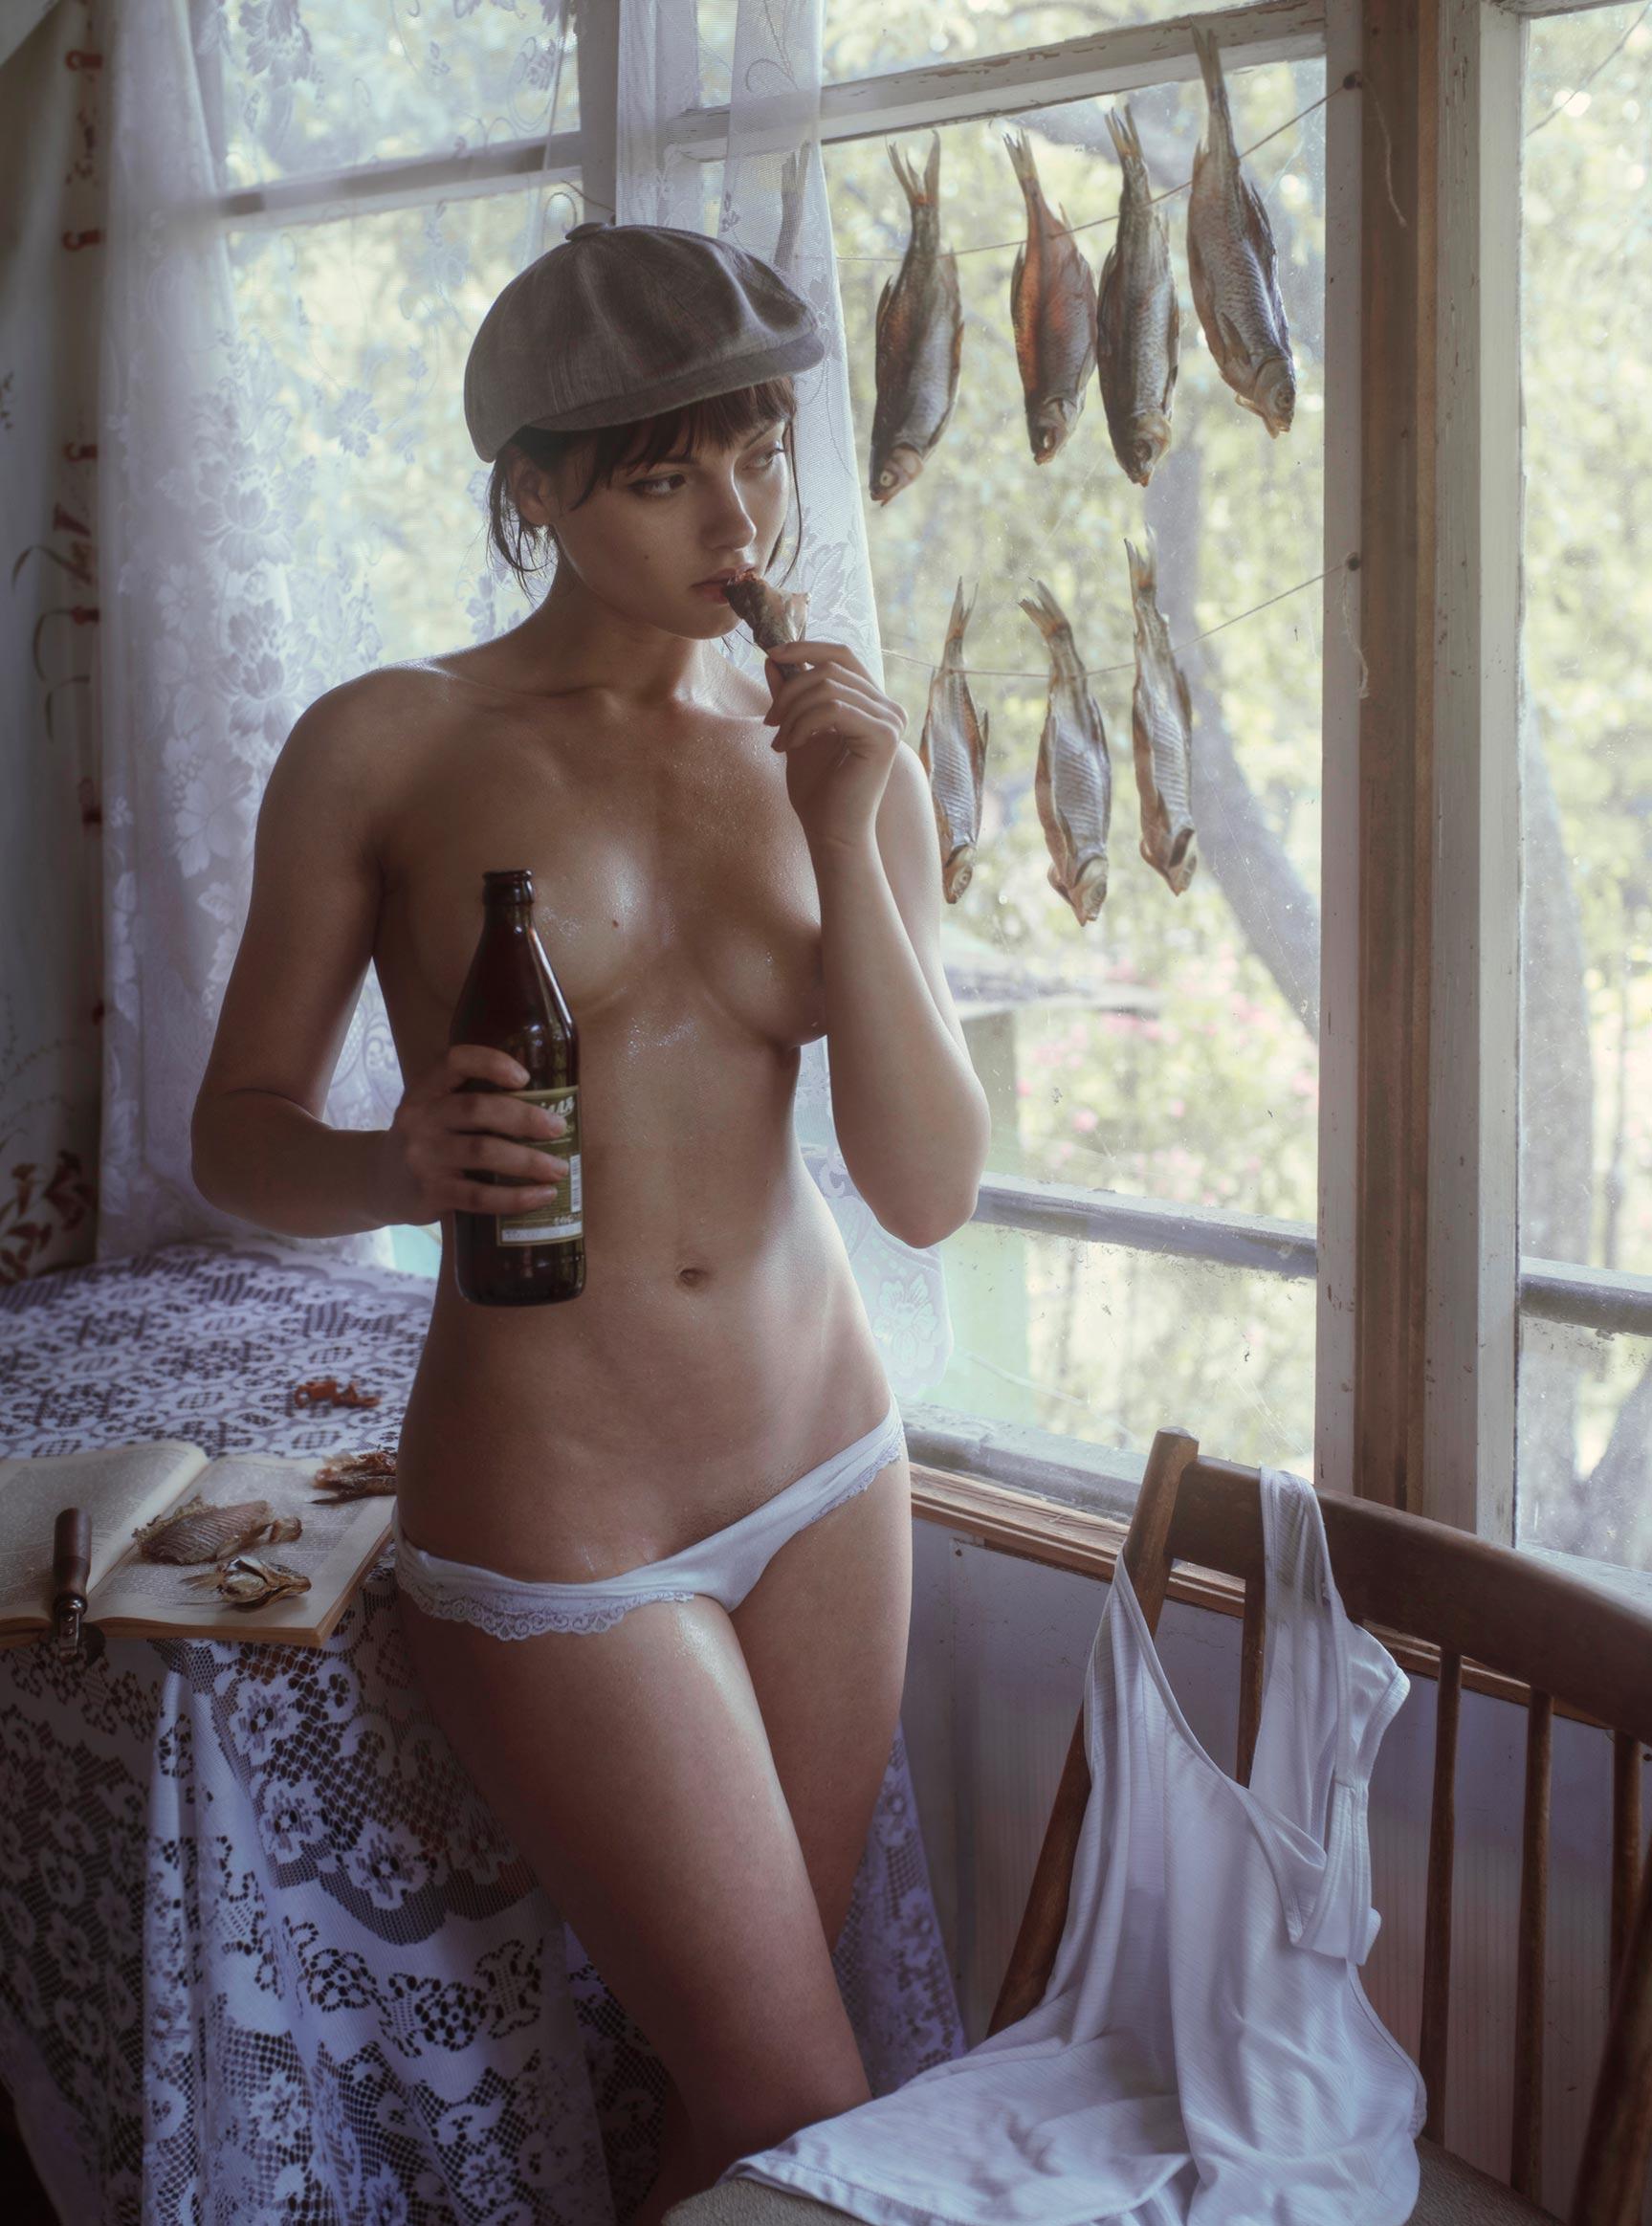 Сексуальная фотомодель Sophie la Sage с пивом и таранькой в интерьерах старой советской квартиры / фото 09